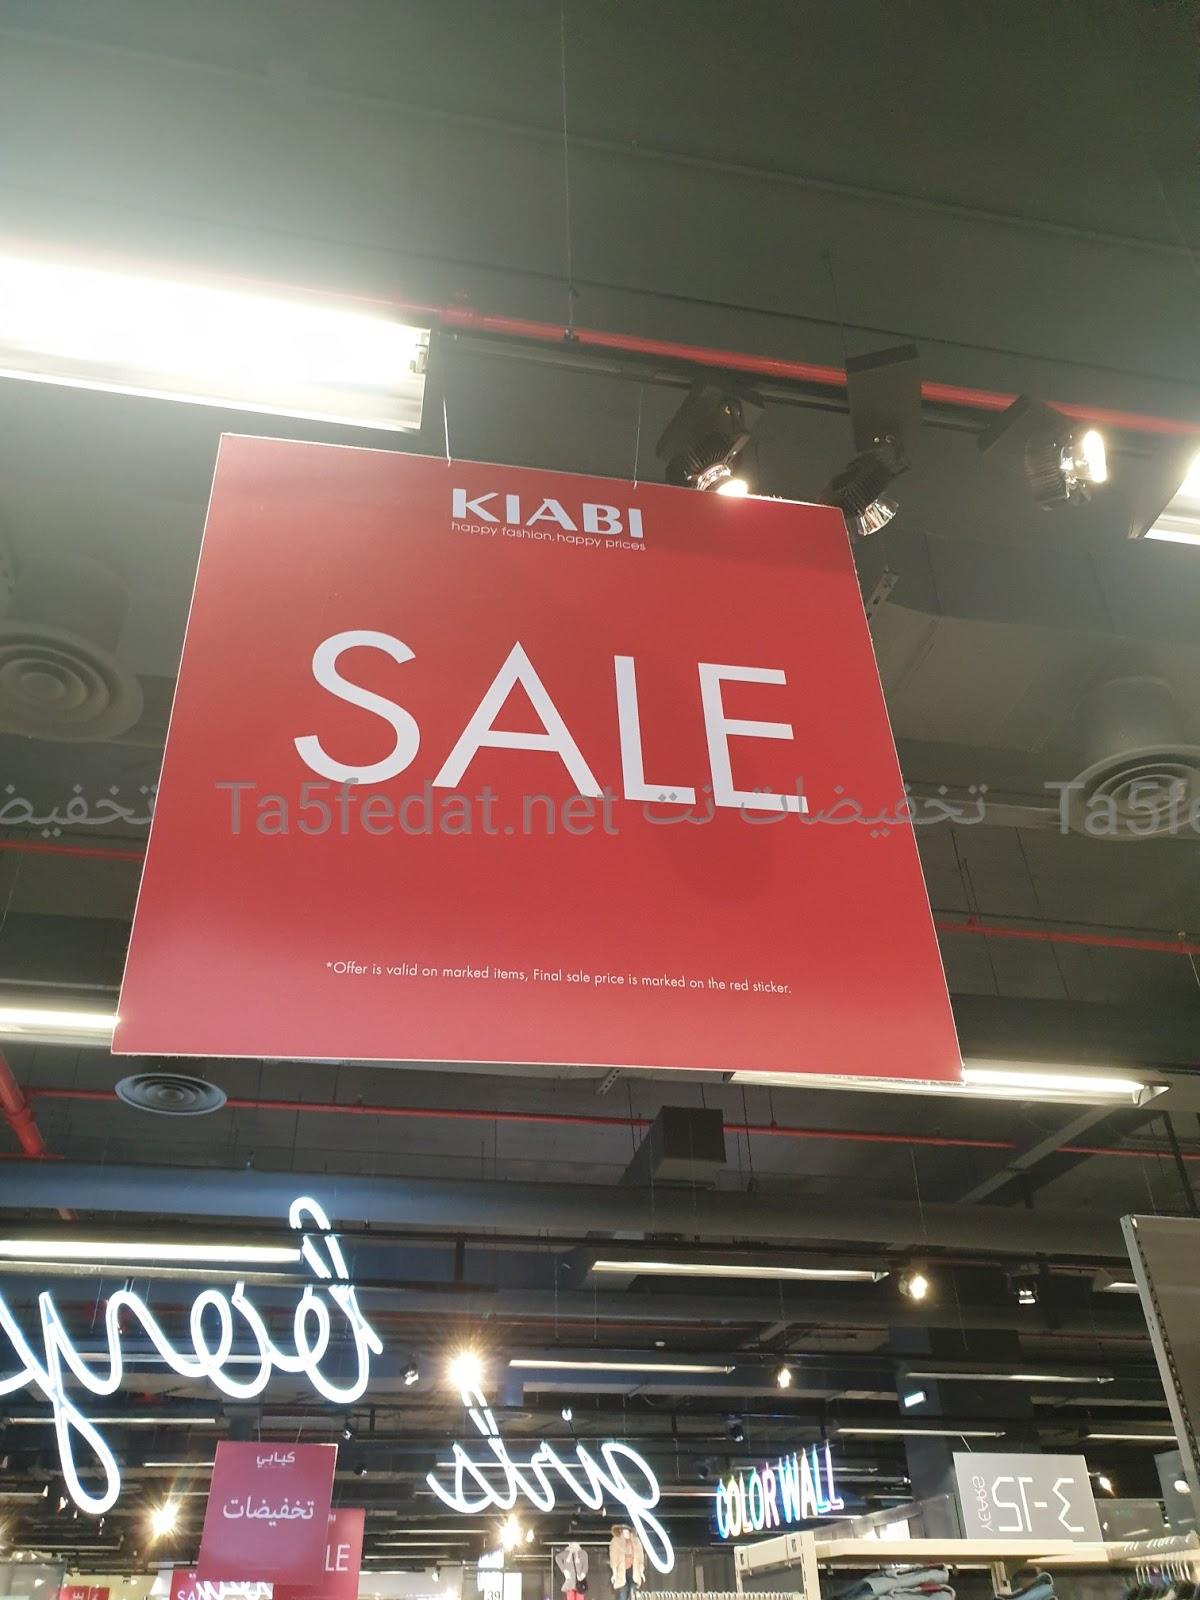 d5a0007b1 ... ماركات الملابس الفرنسية حيث تمتاز بالذوق الفرنسي البسيط والأنيق وجودة  خامات عالية ، كما توفر ماركة كيابي KIABI العديد من الازياء الرجالية  والنسائية ...